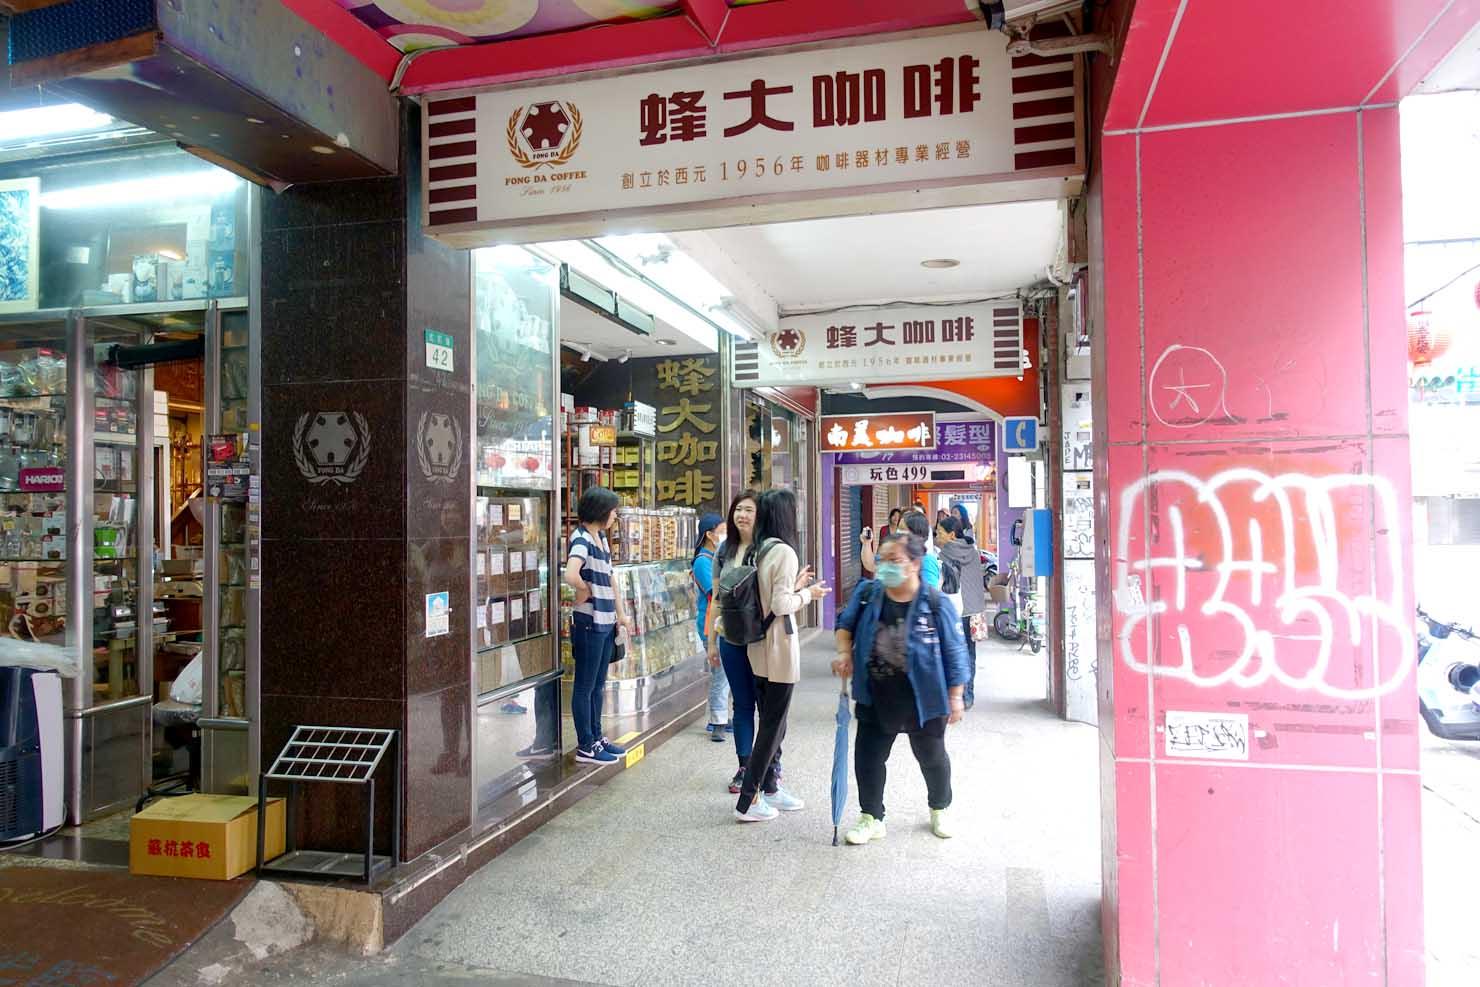 台北・西門町で人気の老舗コーヒーショップ「蜂大咖啡」